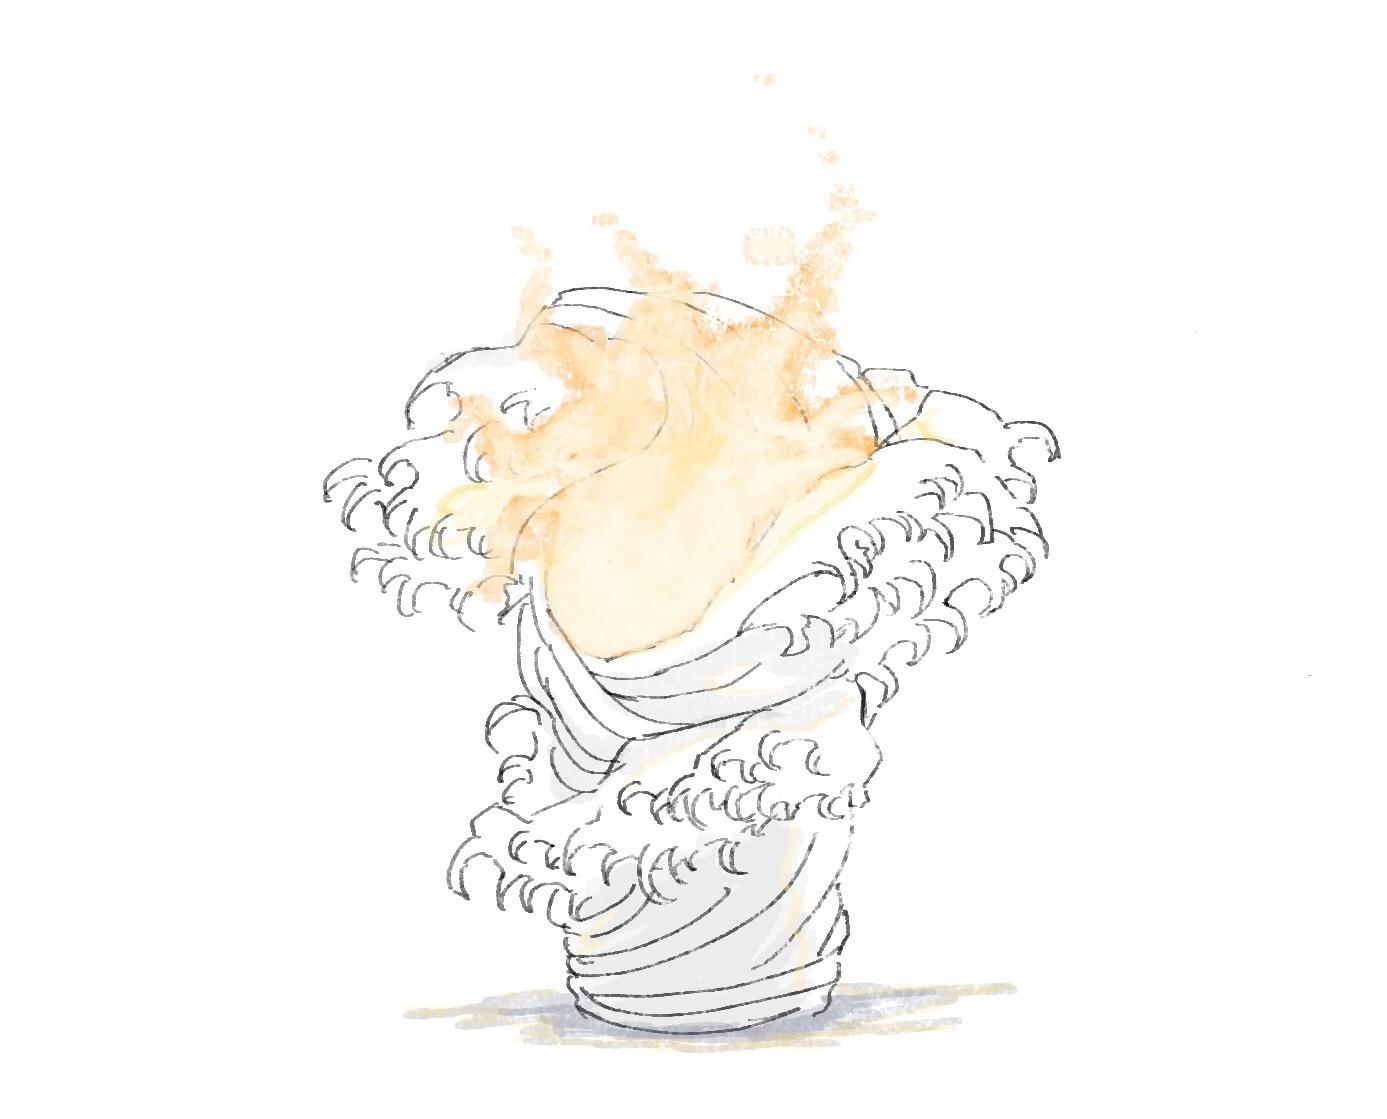 文化学園大学でのメディア史の授業第7回「オリンピックとメディア」で提出された聖火台優秀案_f0006713_23501973.jpg